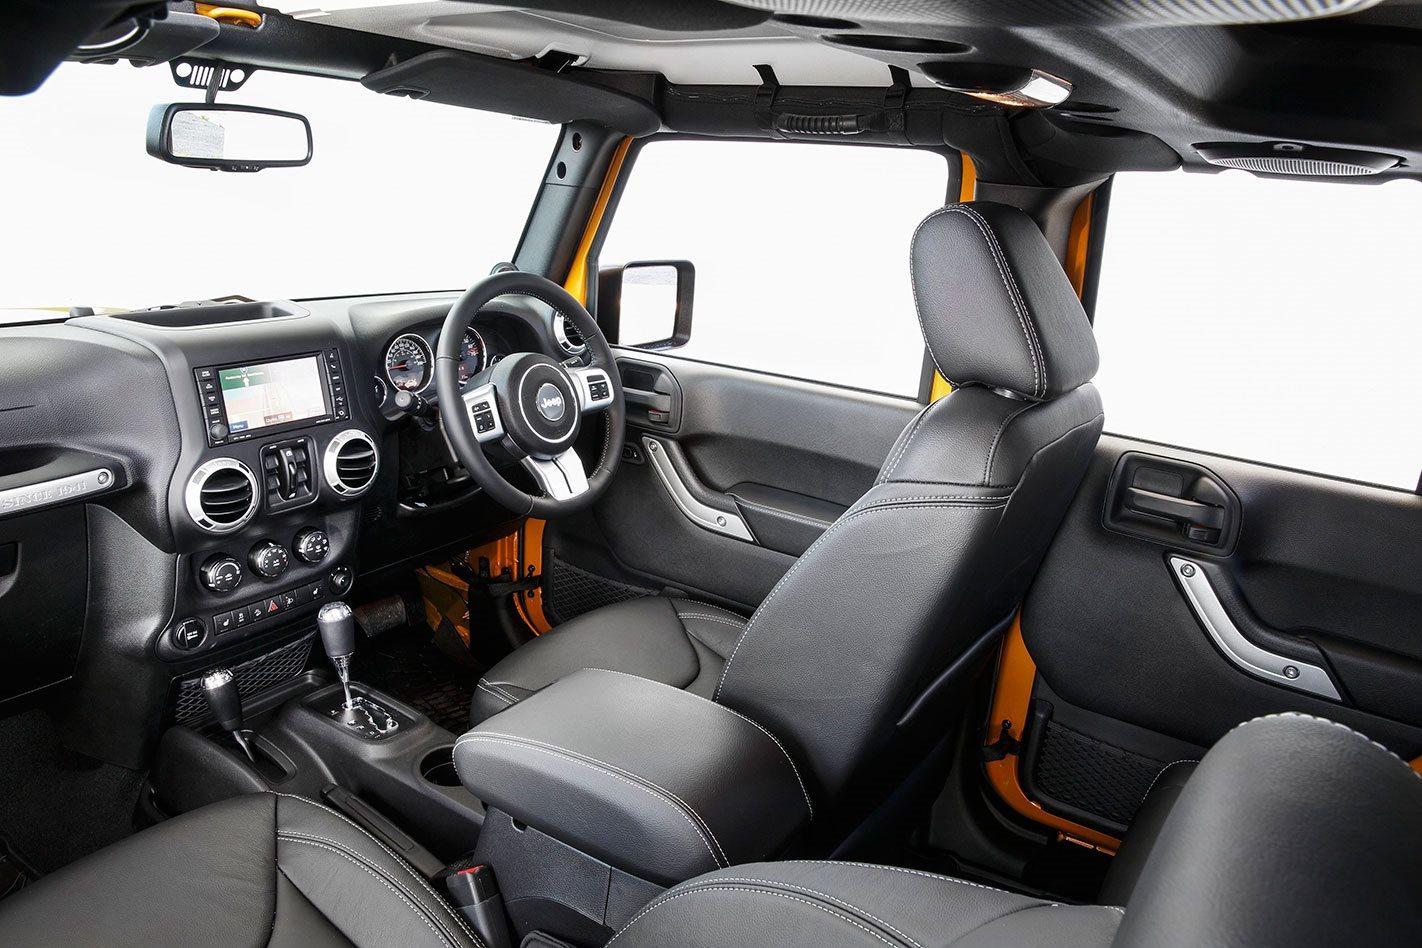 Jeep-Wrangler-Rubicon-X-2015-interior-.jpg